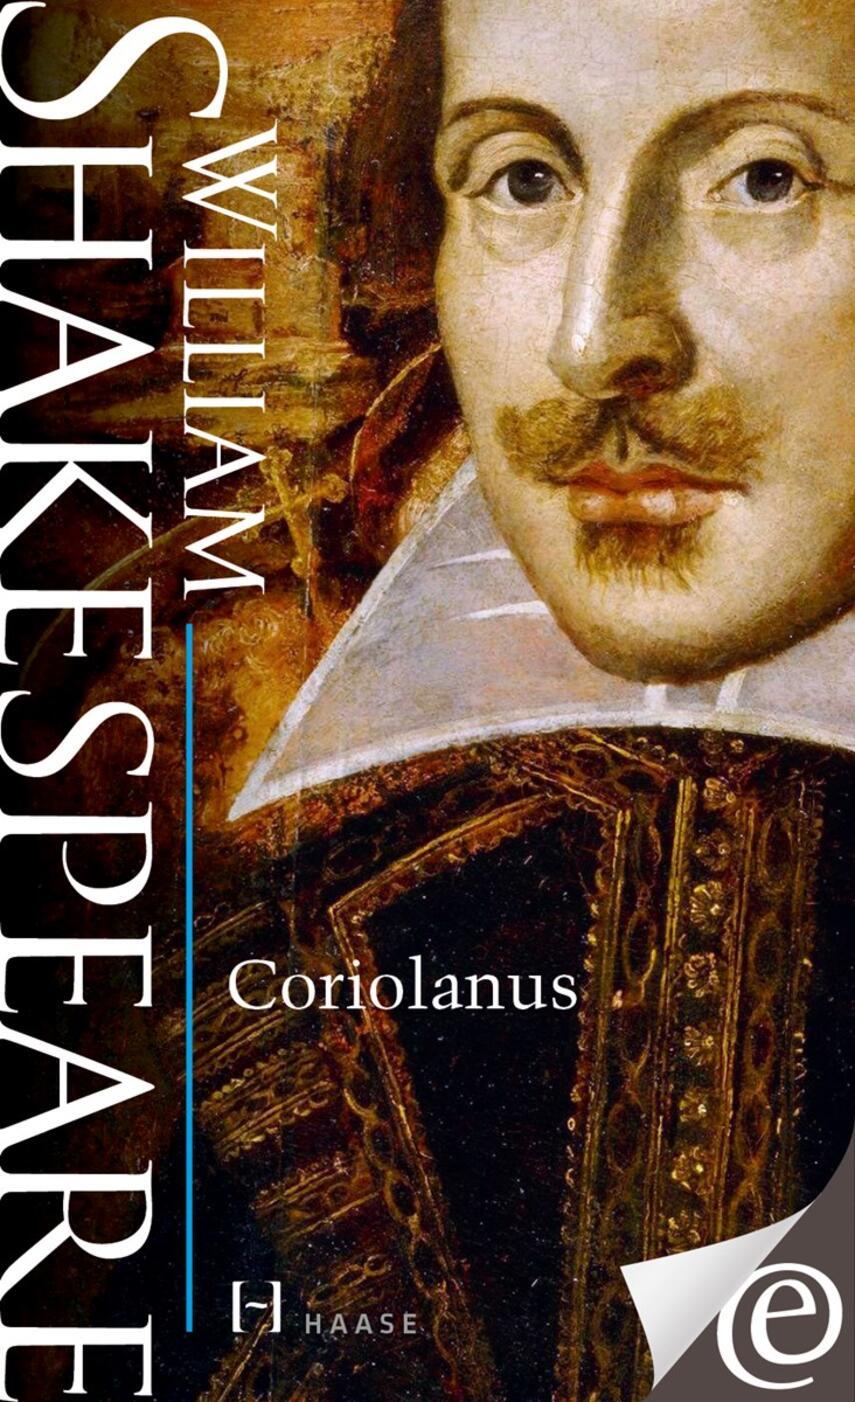 William Shakespeare: Coriolanus